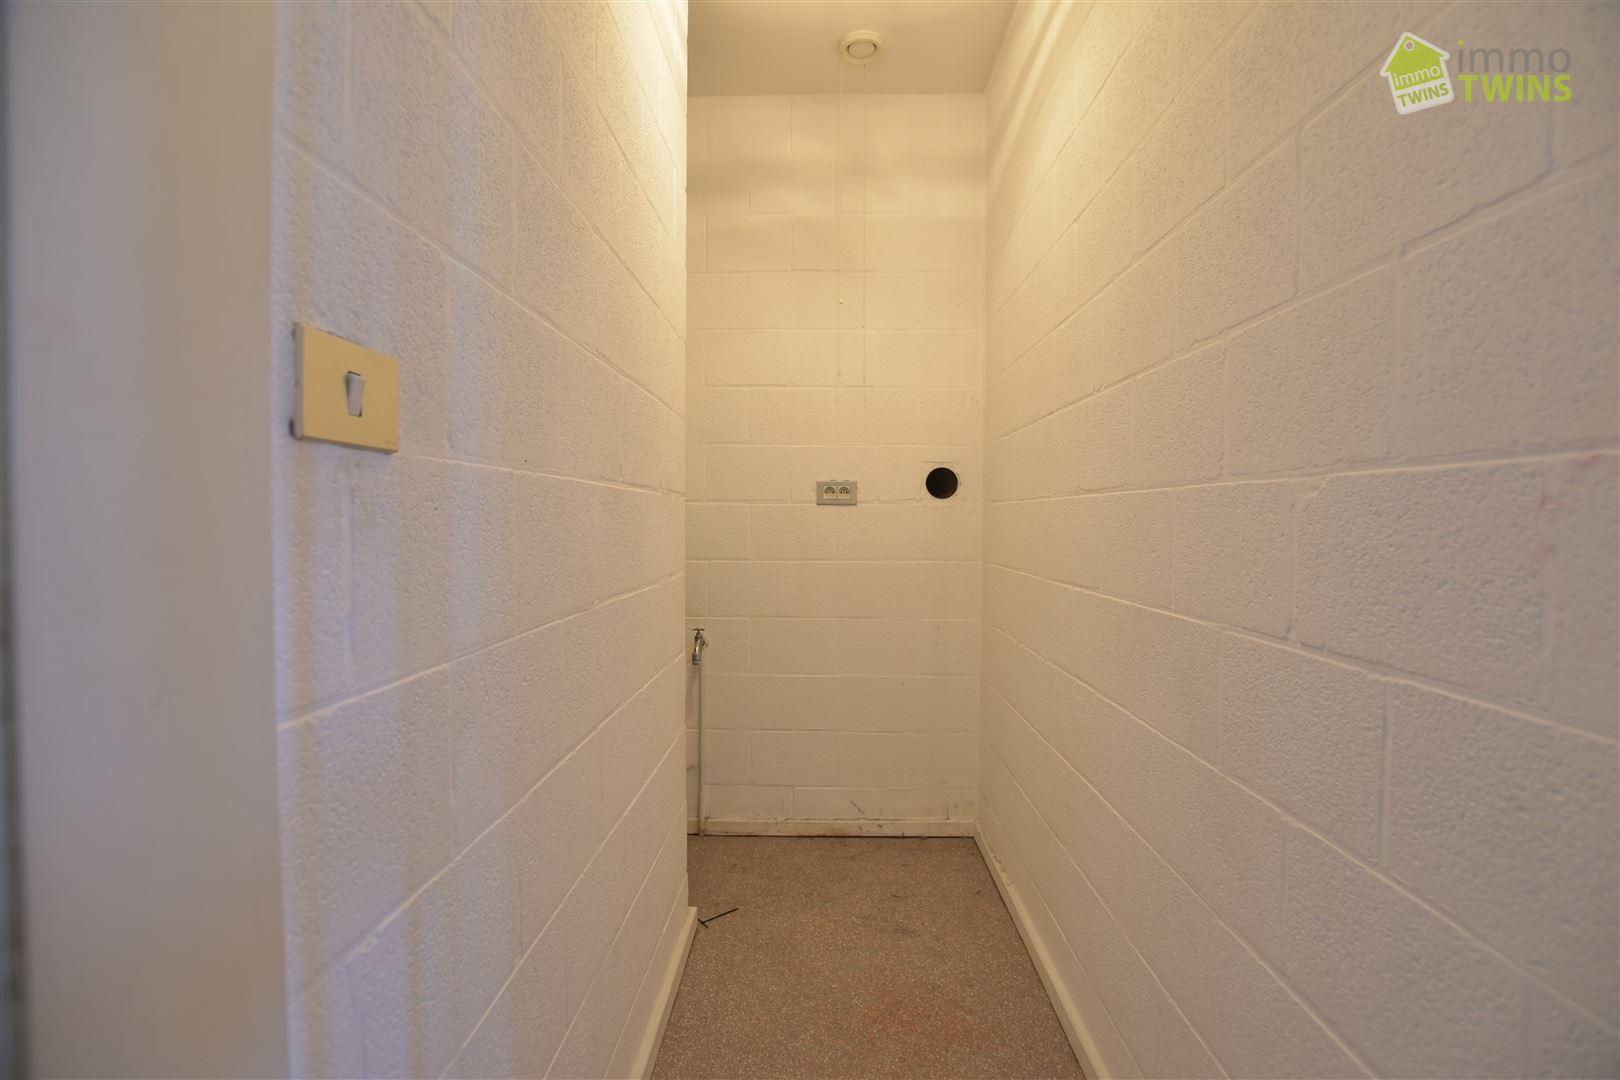 Foto 12 : Duplex/triplex te 9280 LEBBEKE (België) - Prijs € 257.000